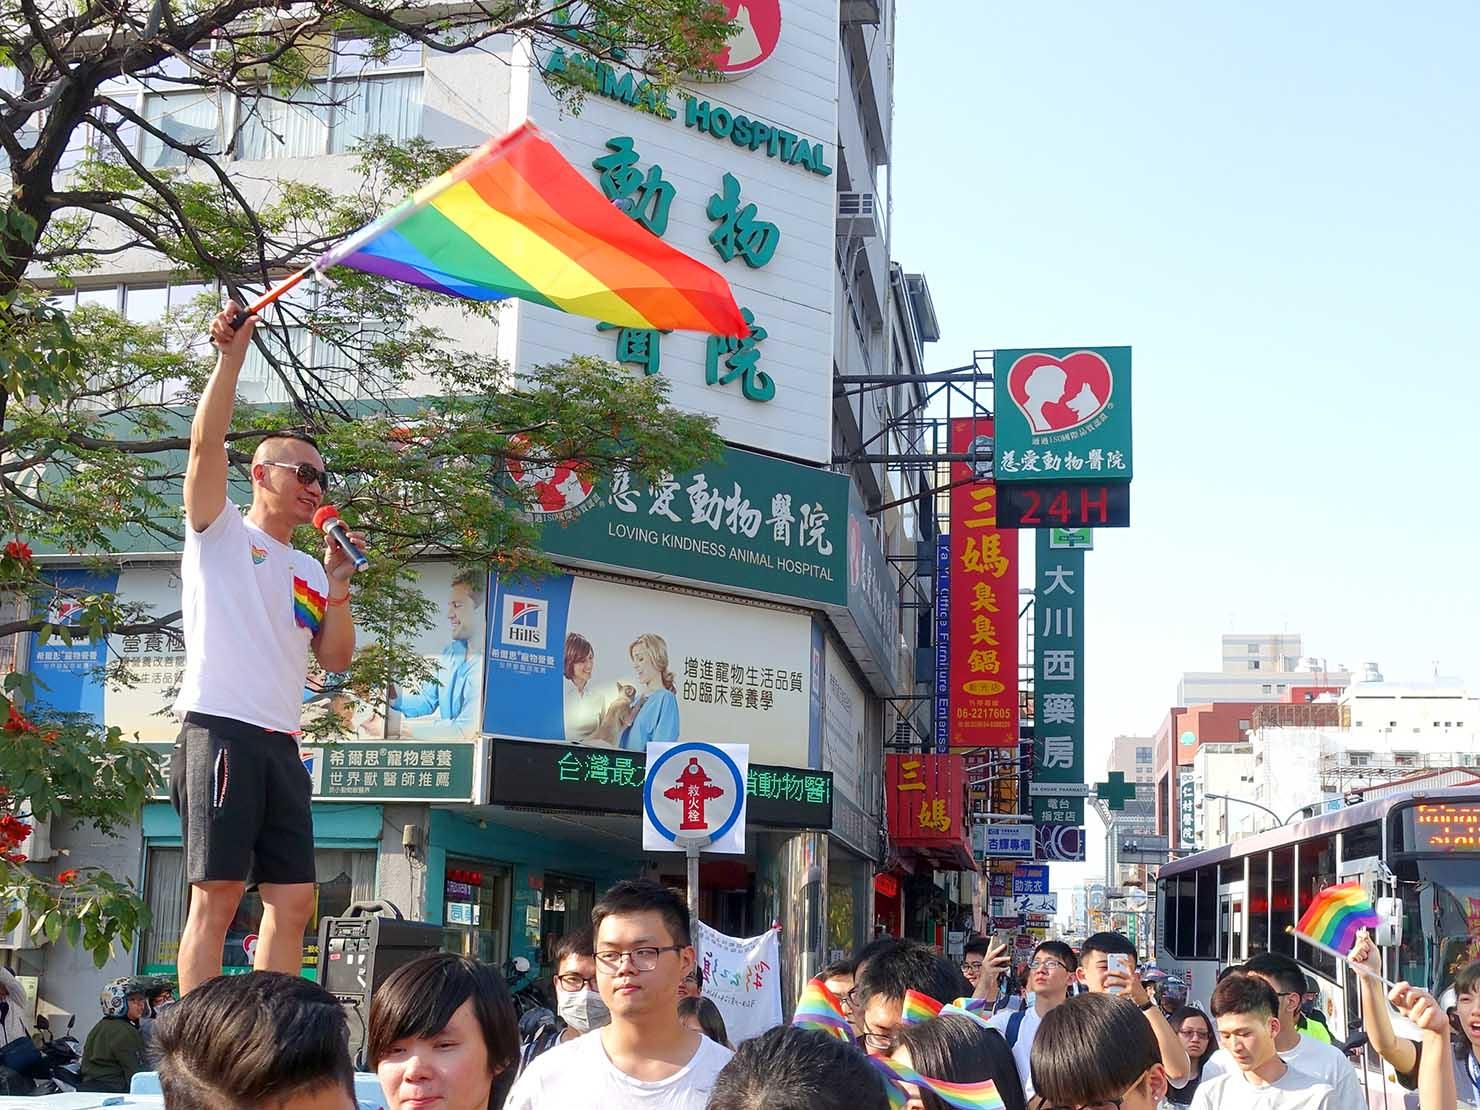 2018年台湾最初のLGBTプライド「台南彩虹遊行(台南レインボーパレード)」でレインボーフラッグを掲げる男性